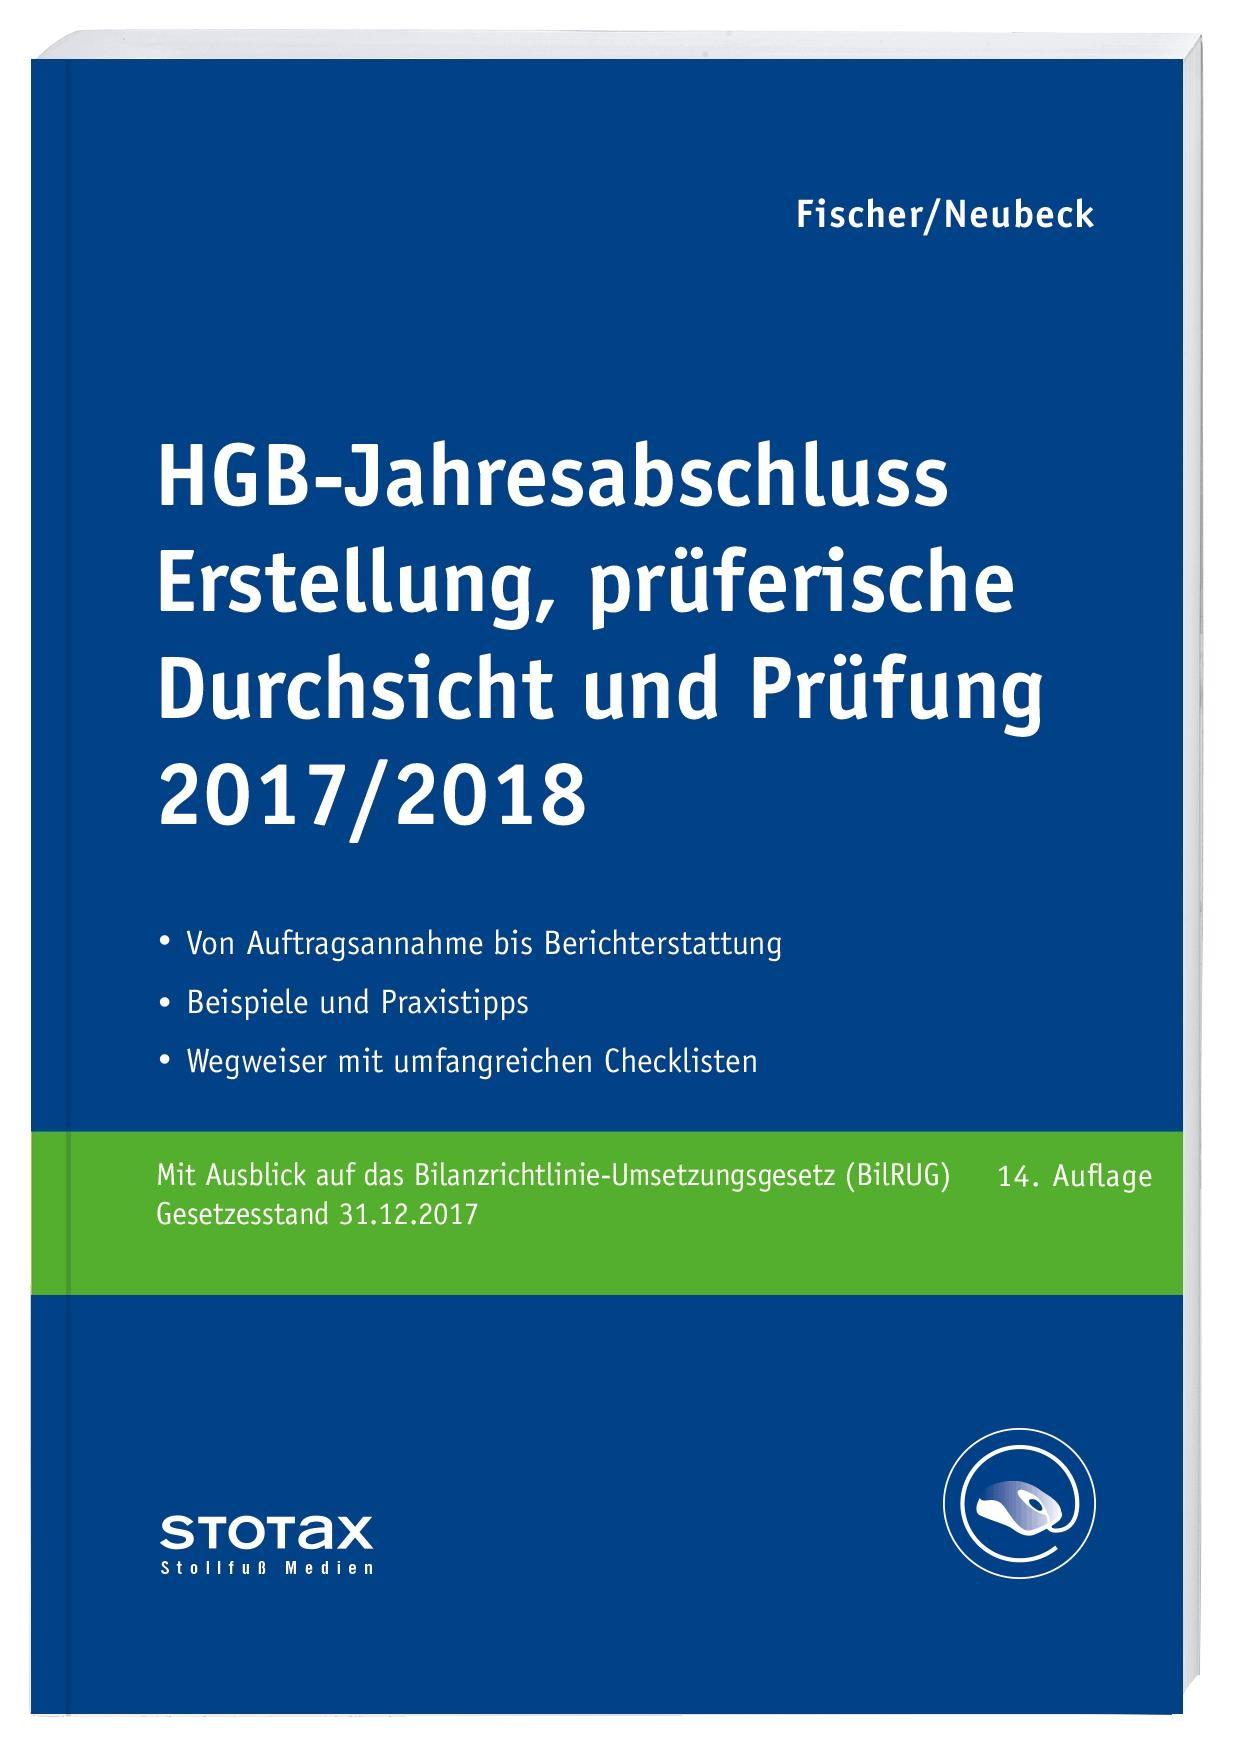 HGB-Jahresabschluss - Erstellung, prüferische Durchsicht und Prüfung 2017/18   Fischer / Neubeck   14. Aufl. 2018, 2018   Buch (Cover)